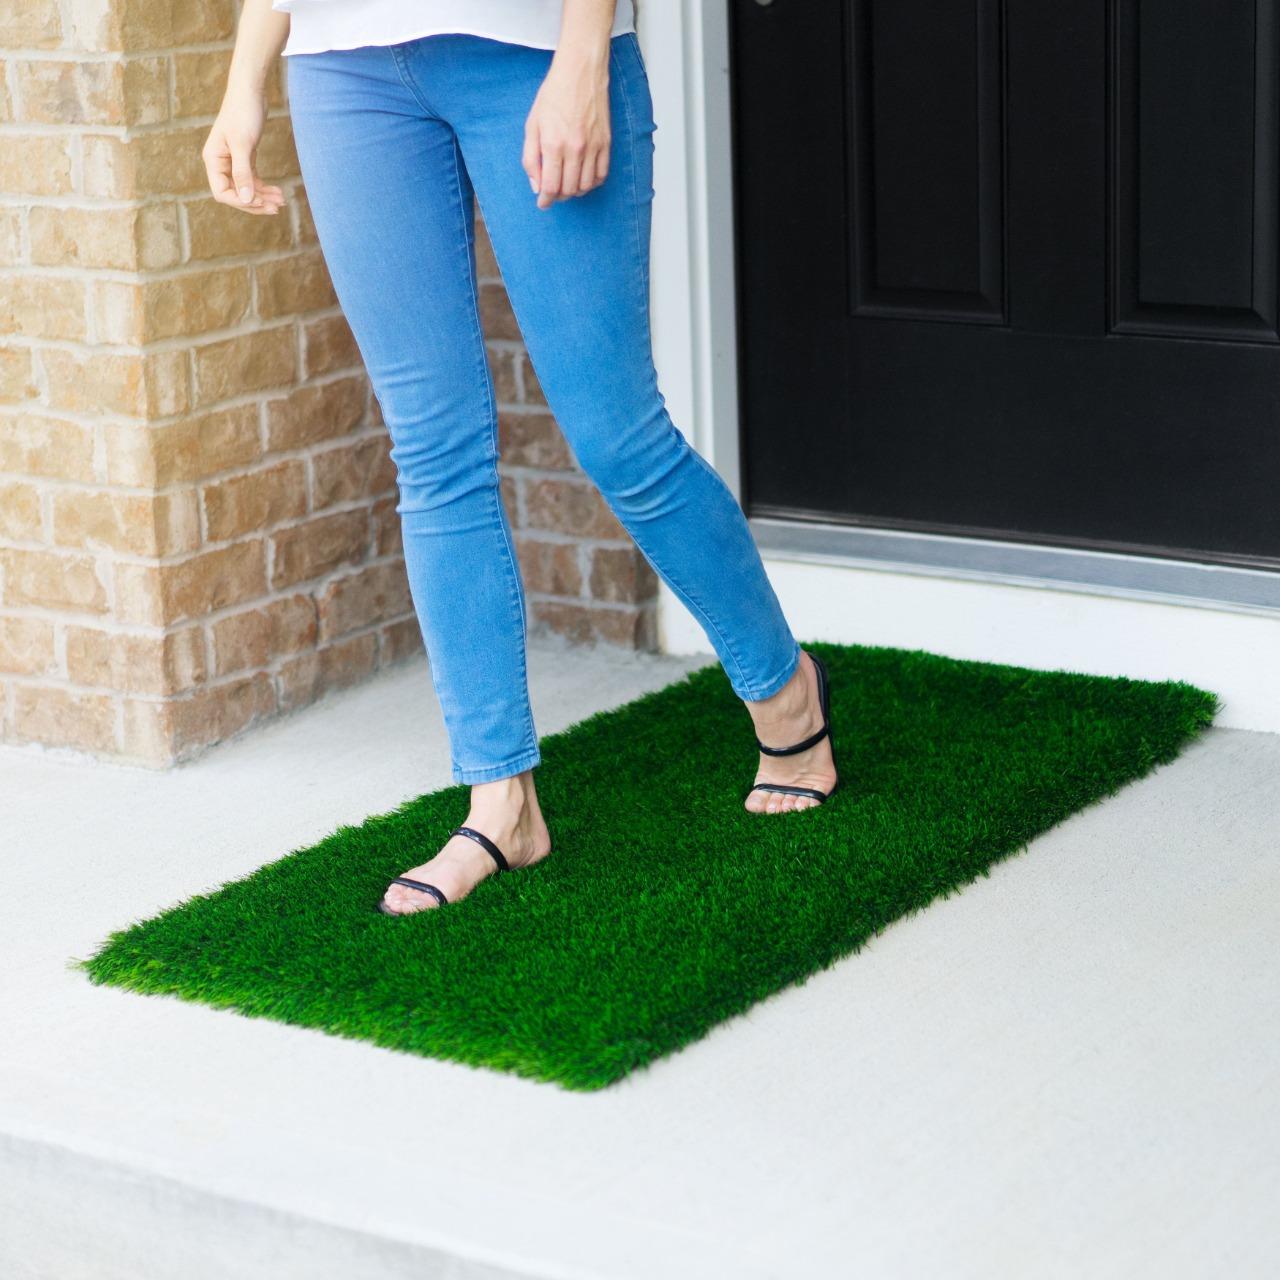 Floor Mat / Green Grass Mat / Bath Room Mat / Floor Mat / Entrance Mat / PVC Rugs High Quality Door Mat